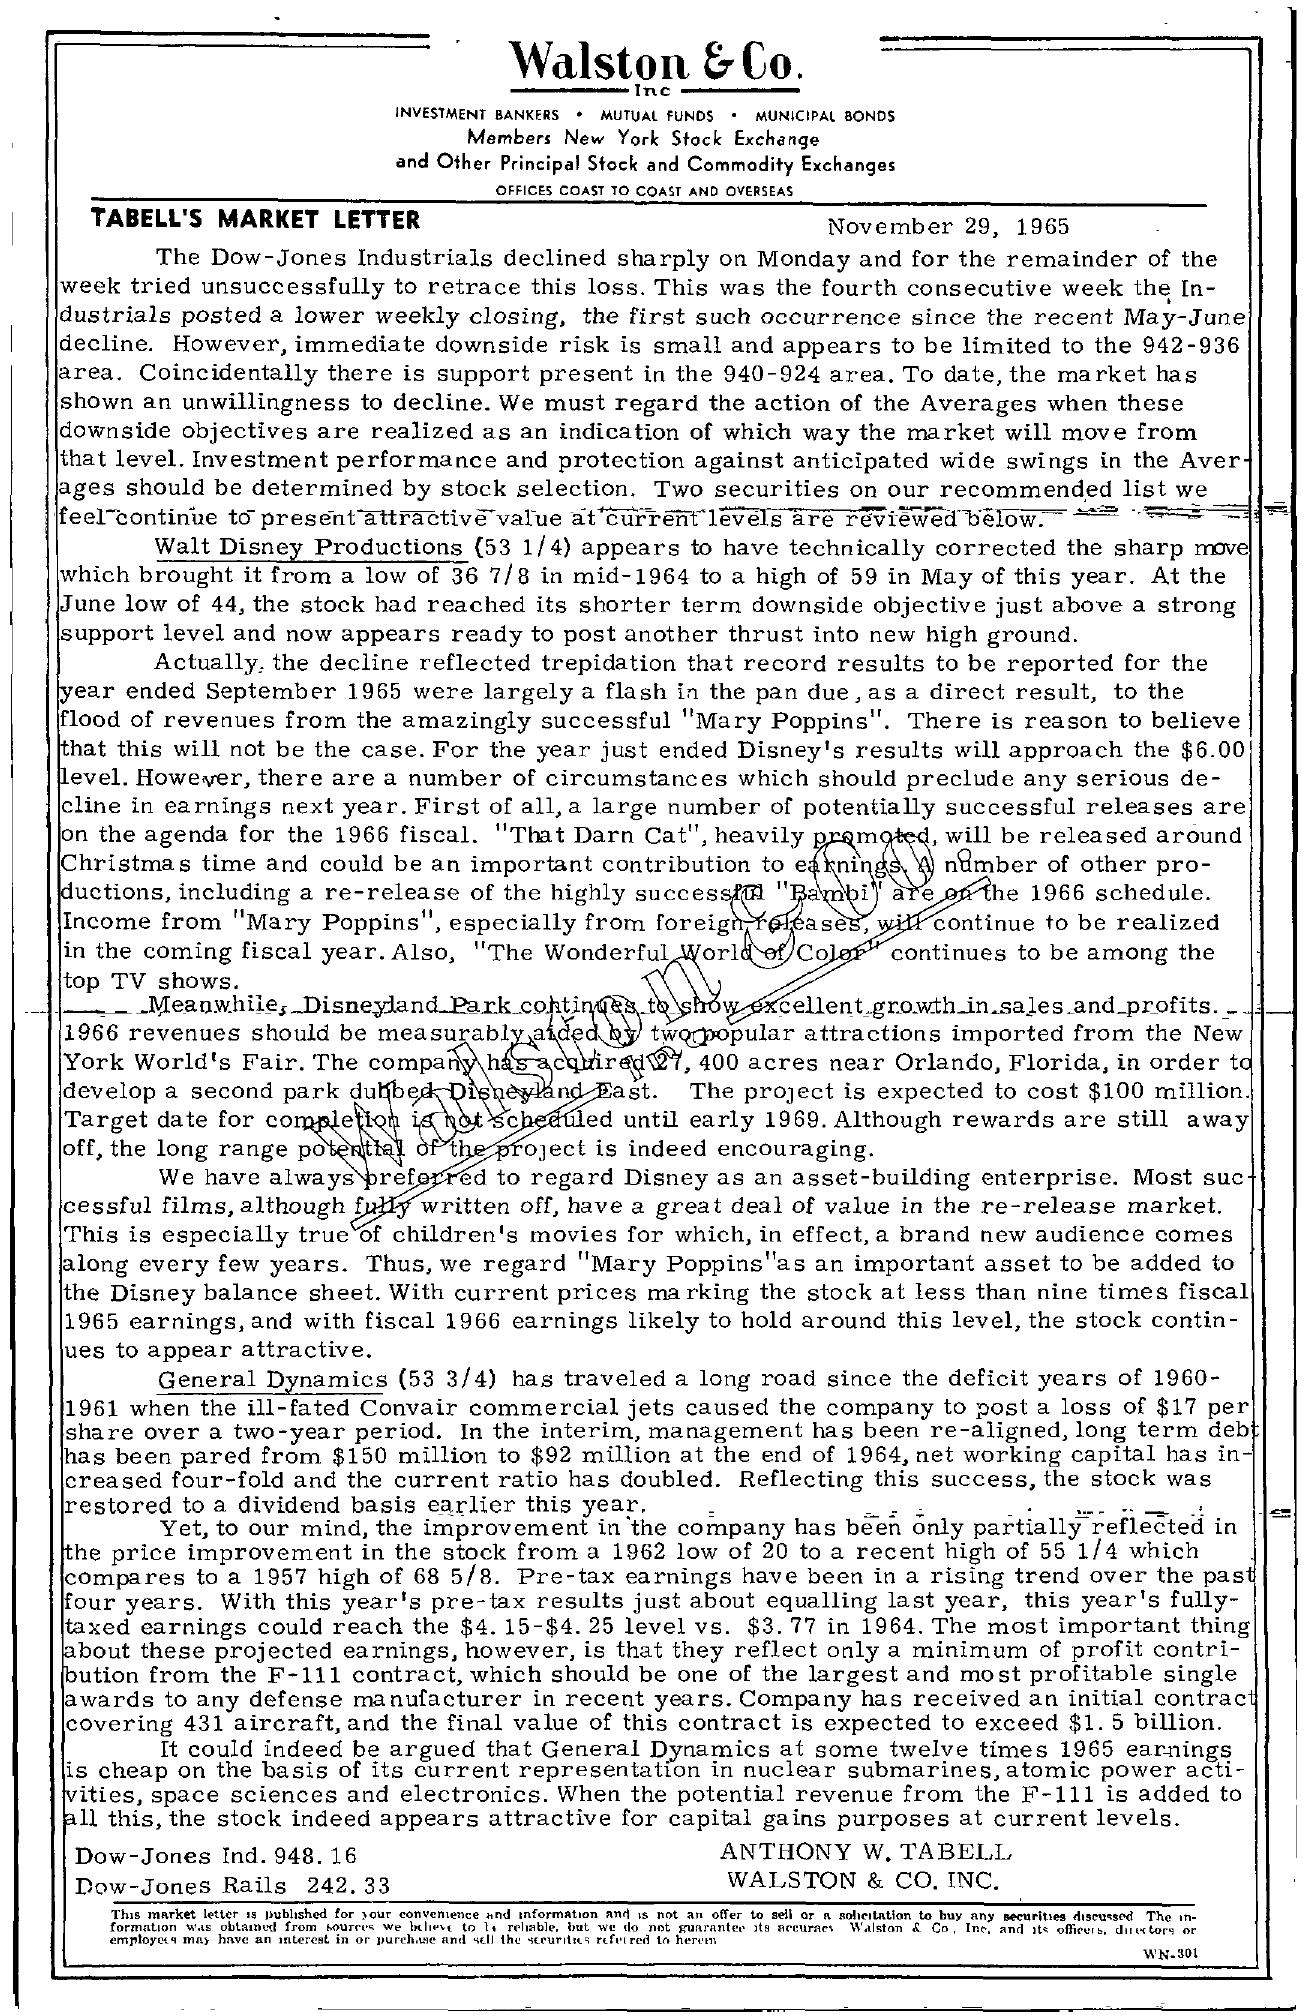 Tabell's Market Letter - November 29, 1965